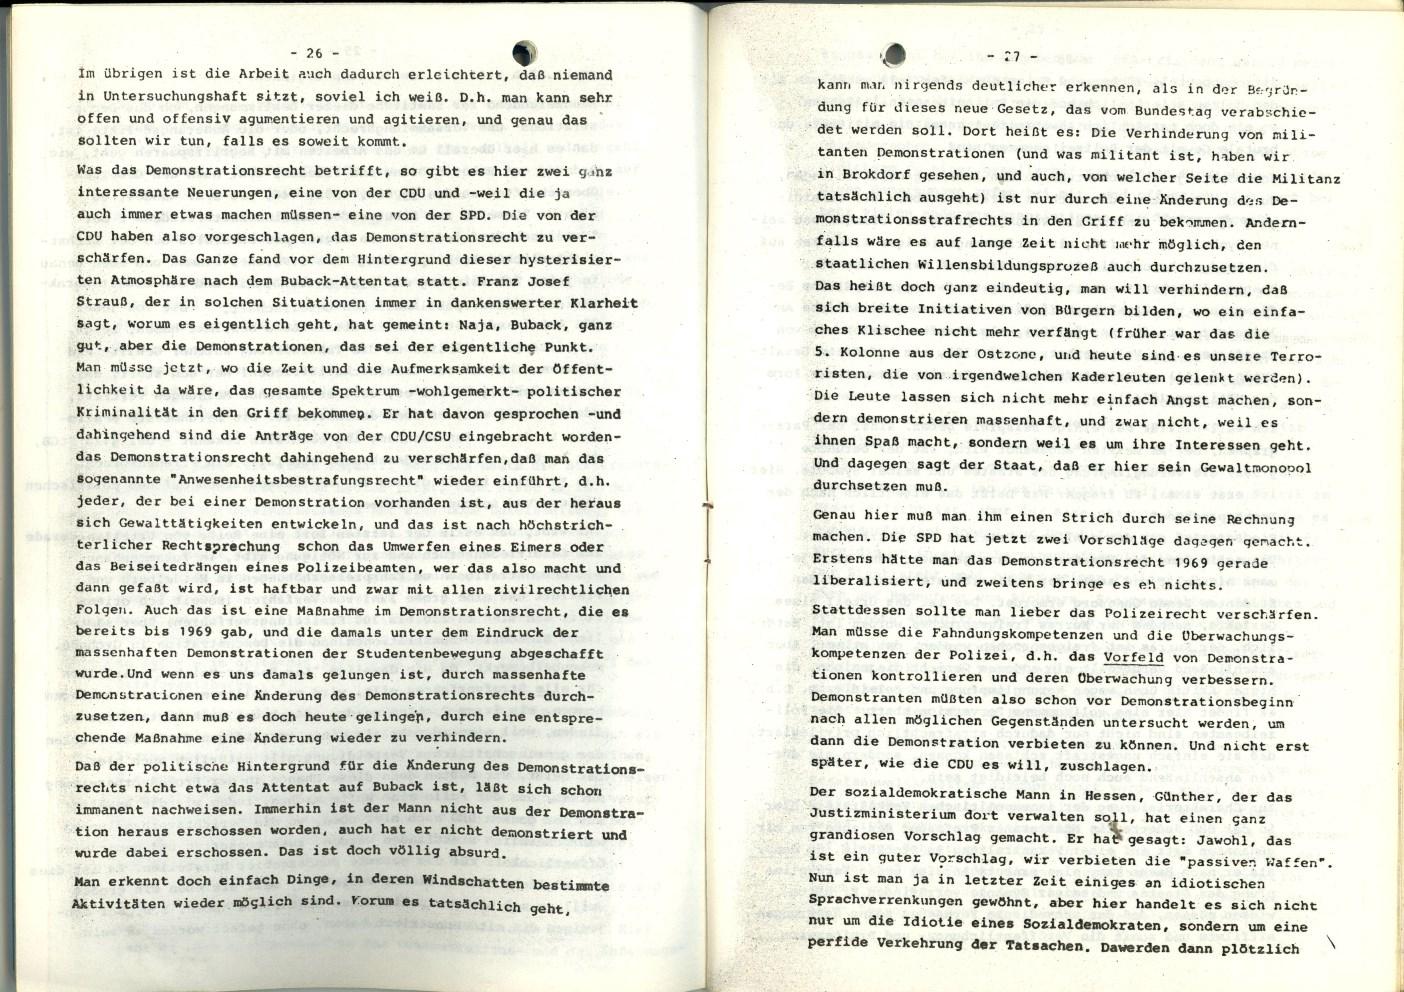 Hamburg_Vorbereitungsgruppe_Russell_Tribunal_Zensur_1978_14